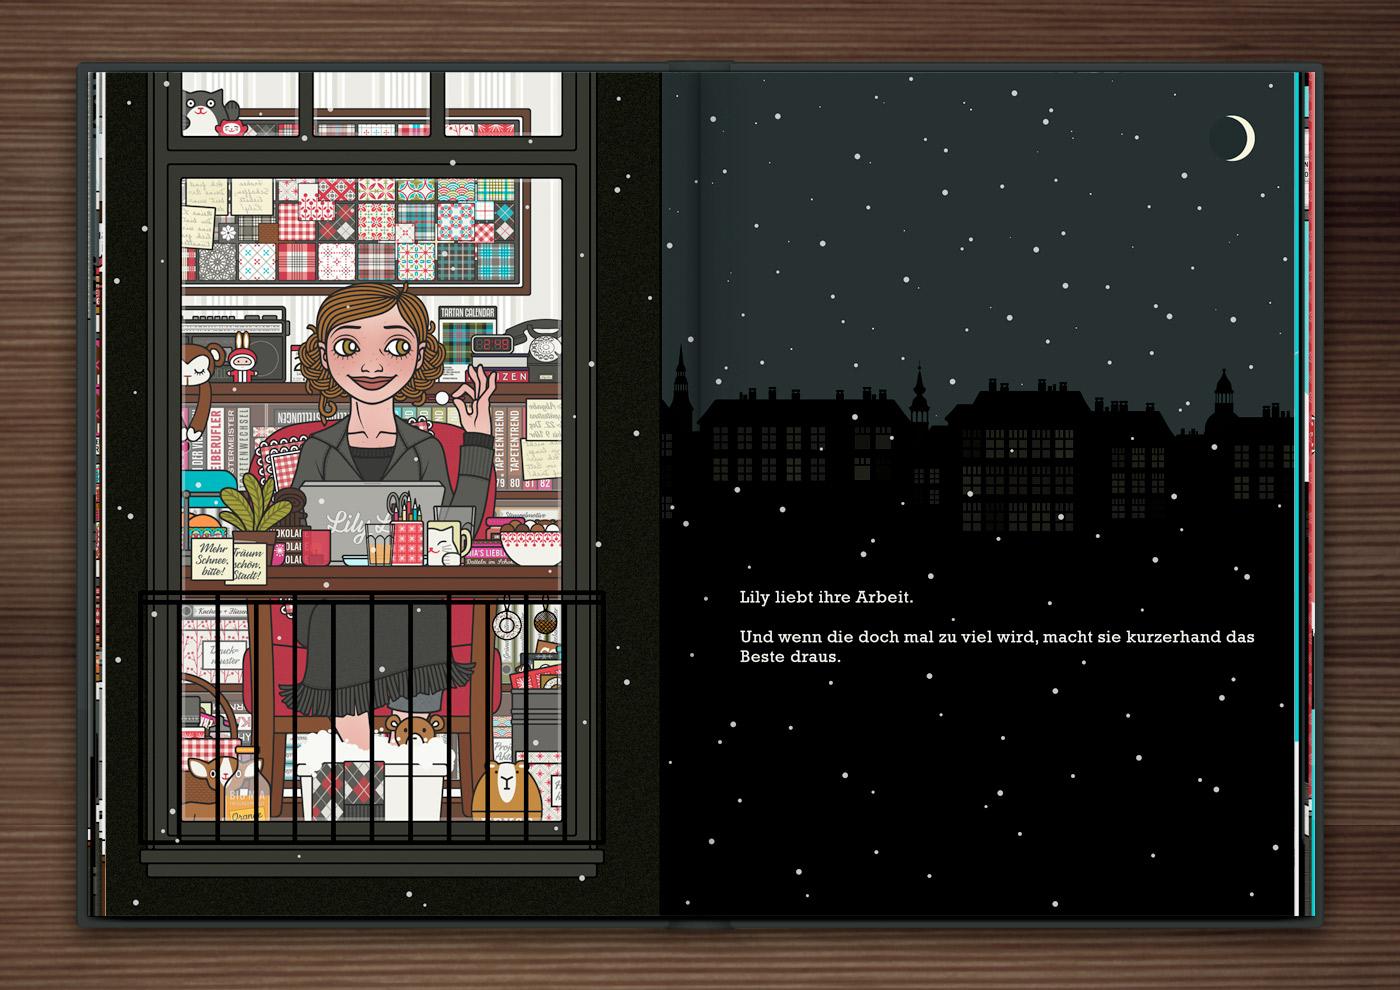 Zeichnung von einem Mädchen, das spät in der Nacht am Macbook oder Laptop arbeitet und dabei einen gemütlichen Sessel, Fußbad, Schokolade, Pralinen und Tee genießt, im Buch Die wunderbare Welt der Lily Lux